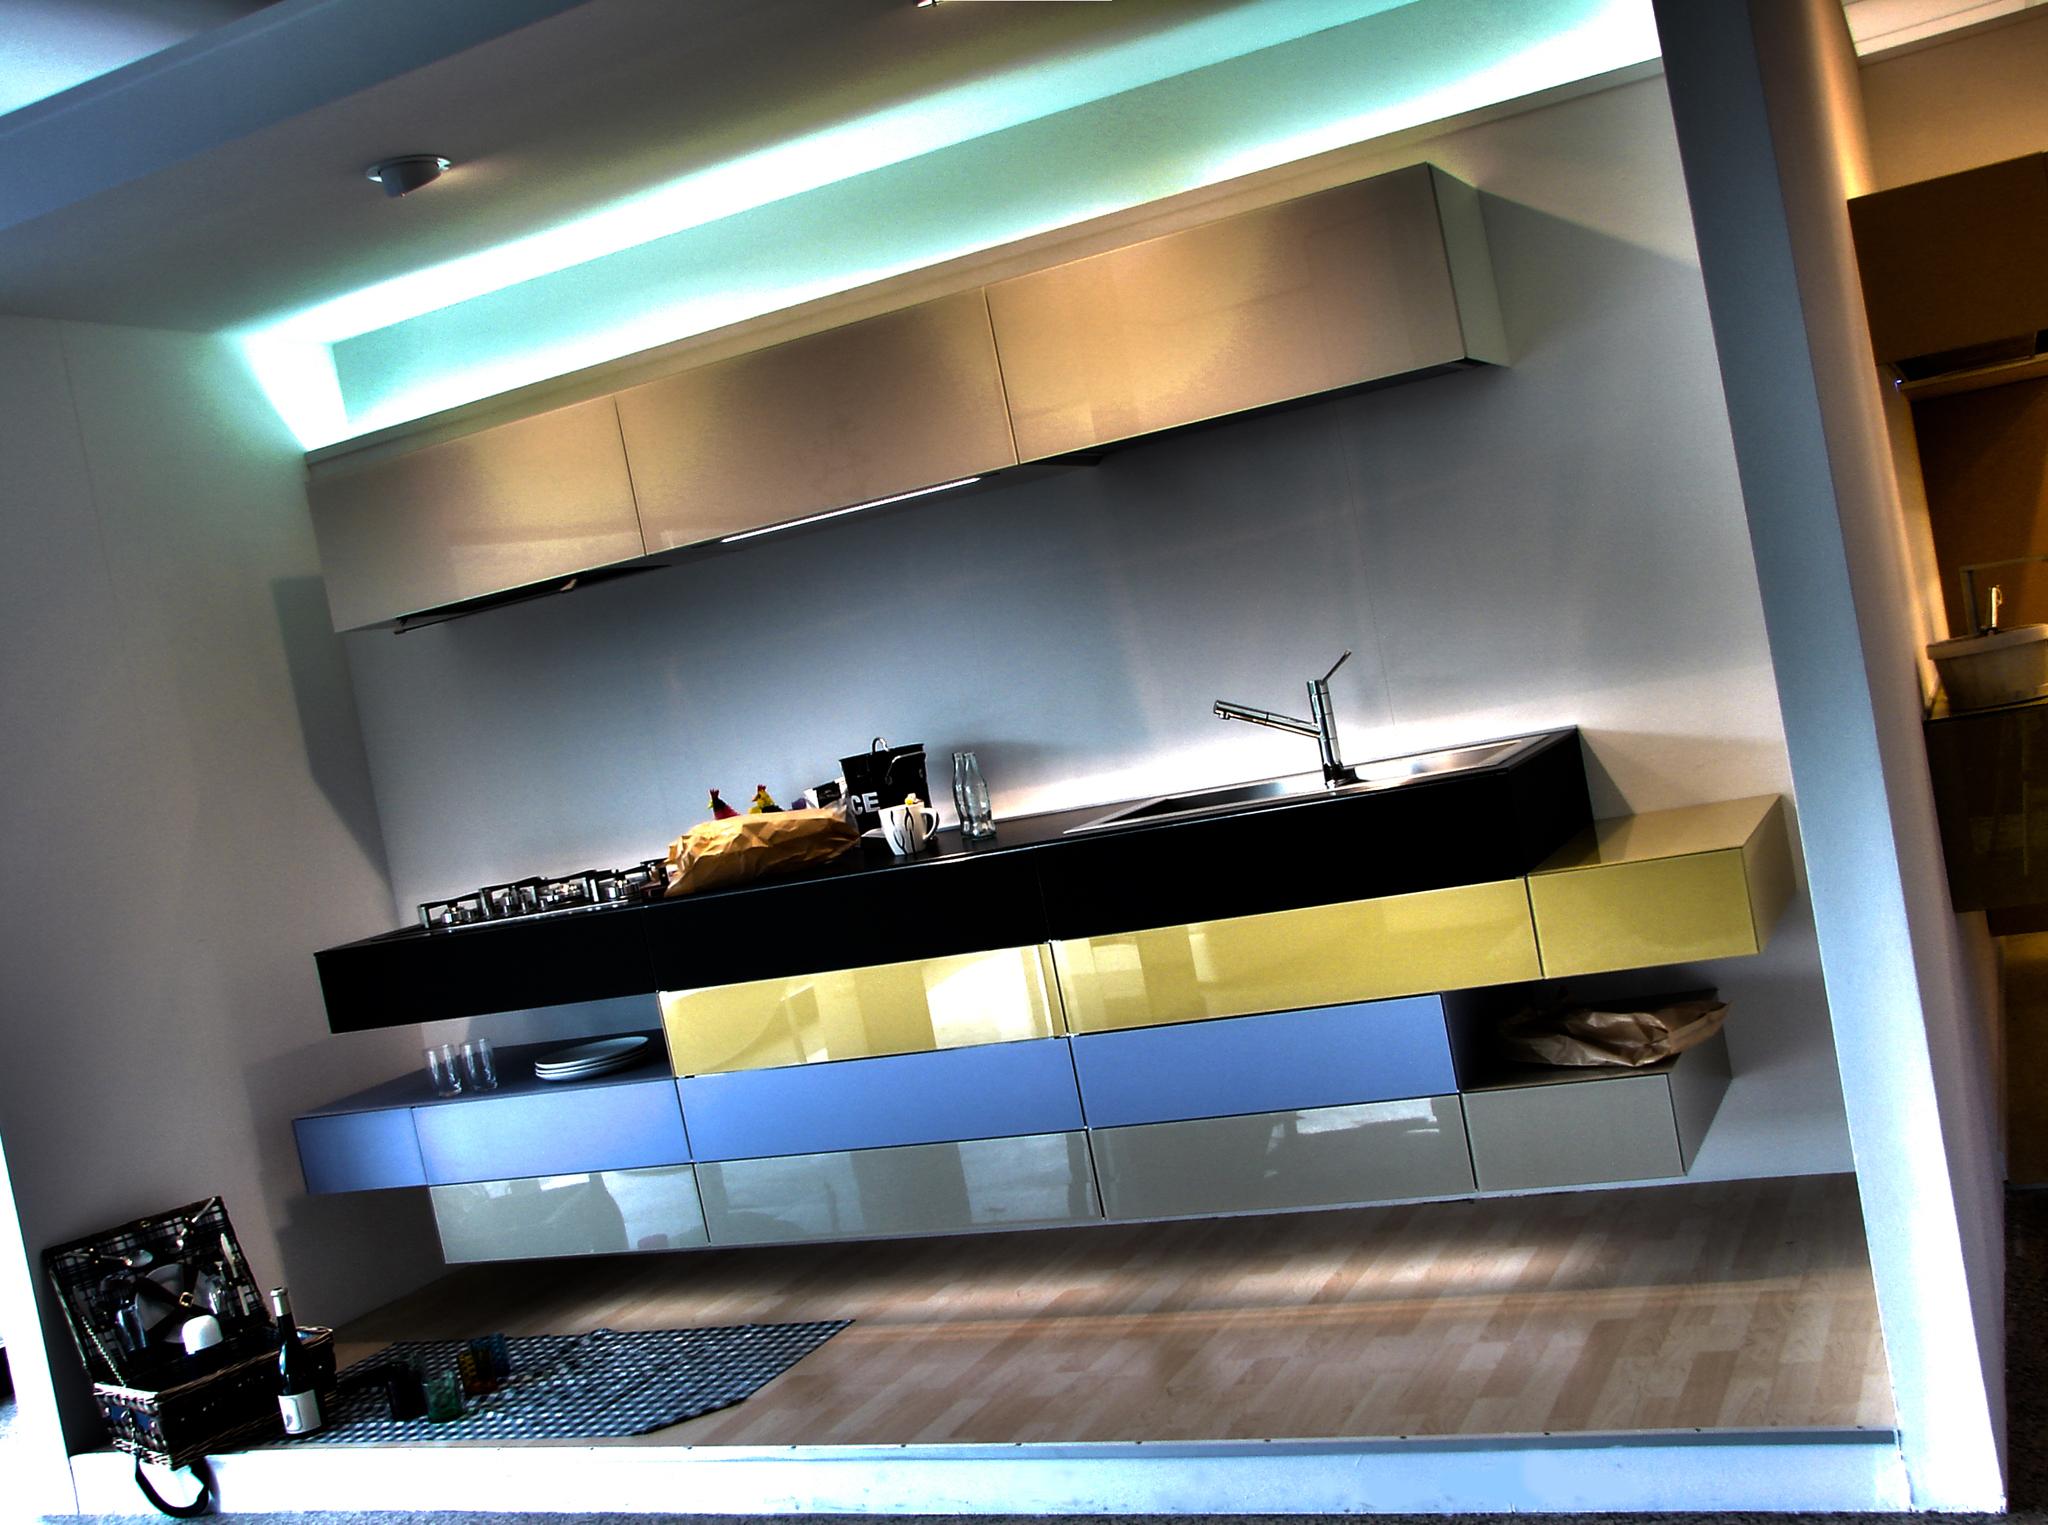 Cucine lago in hdr da dimensione legno a chietiil blog di dimensione legno a chieti - Dimensione pensili cucina ...